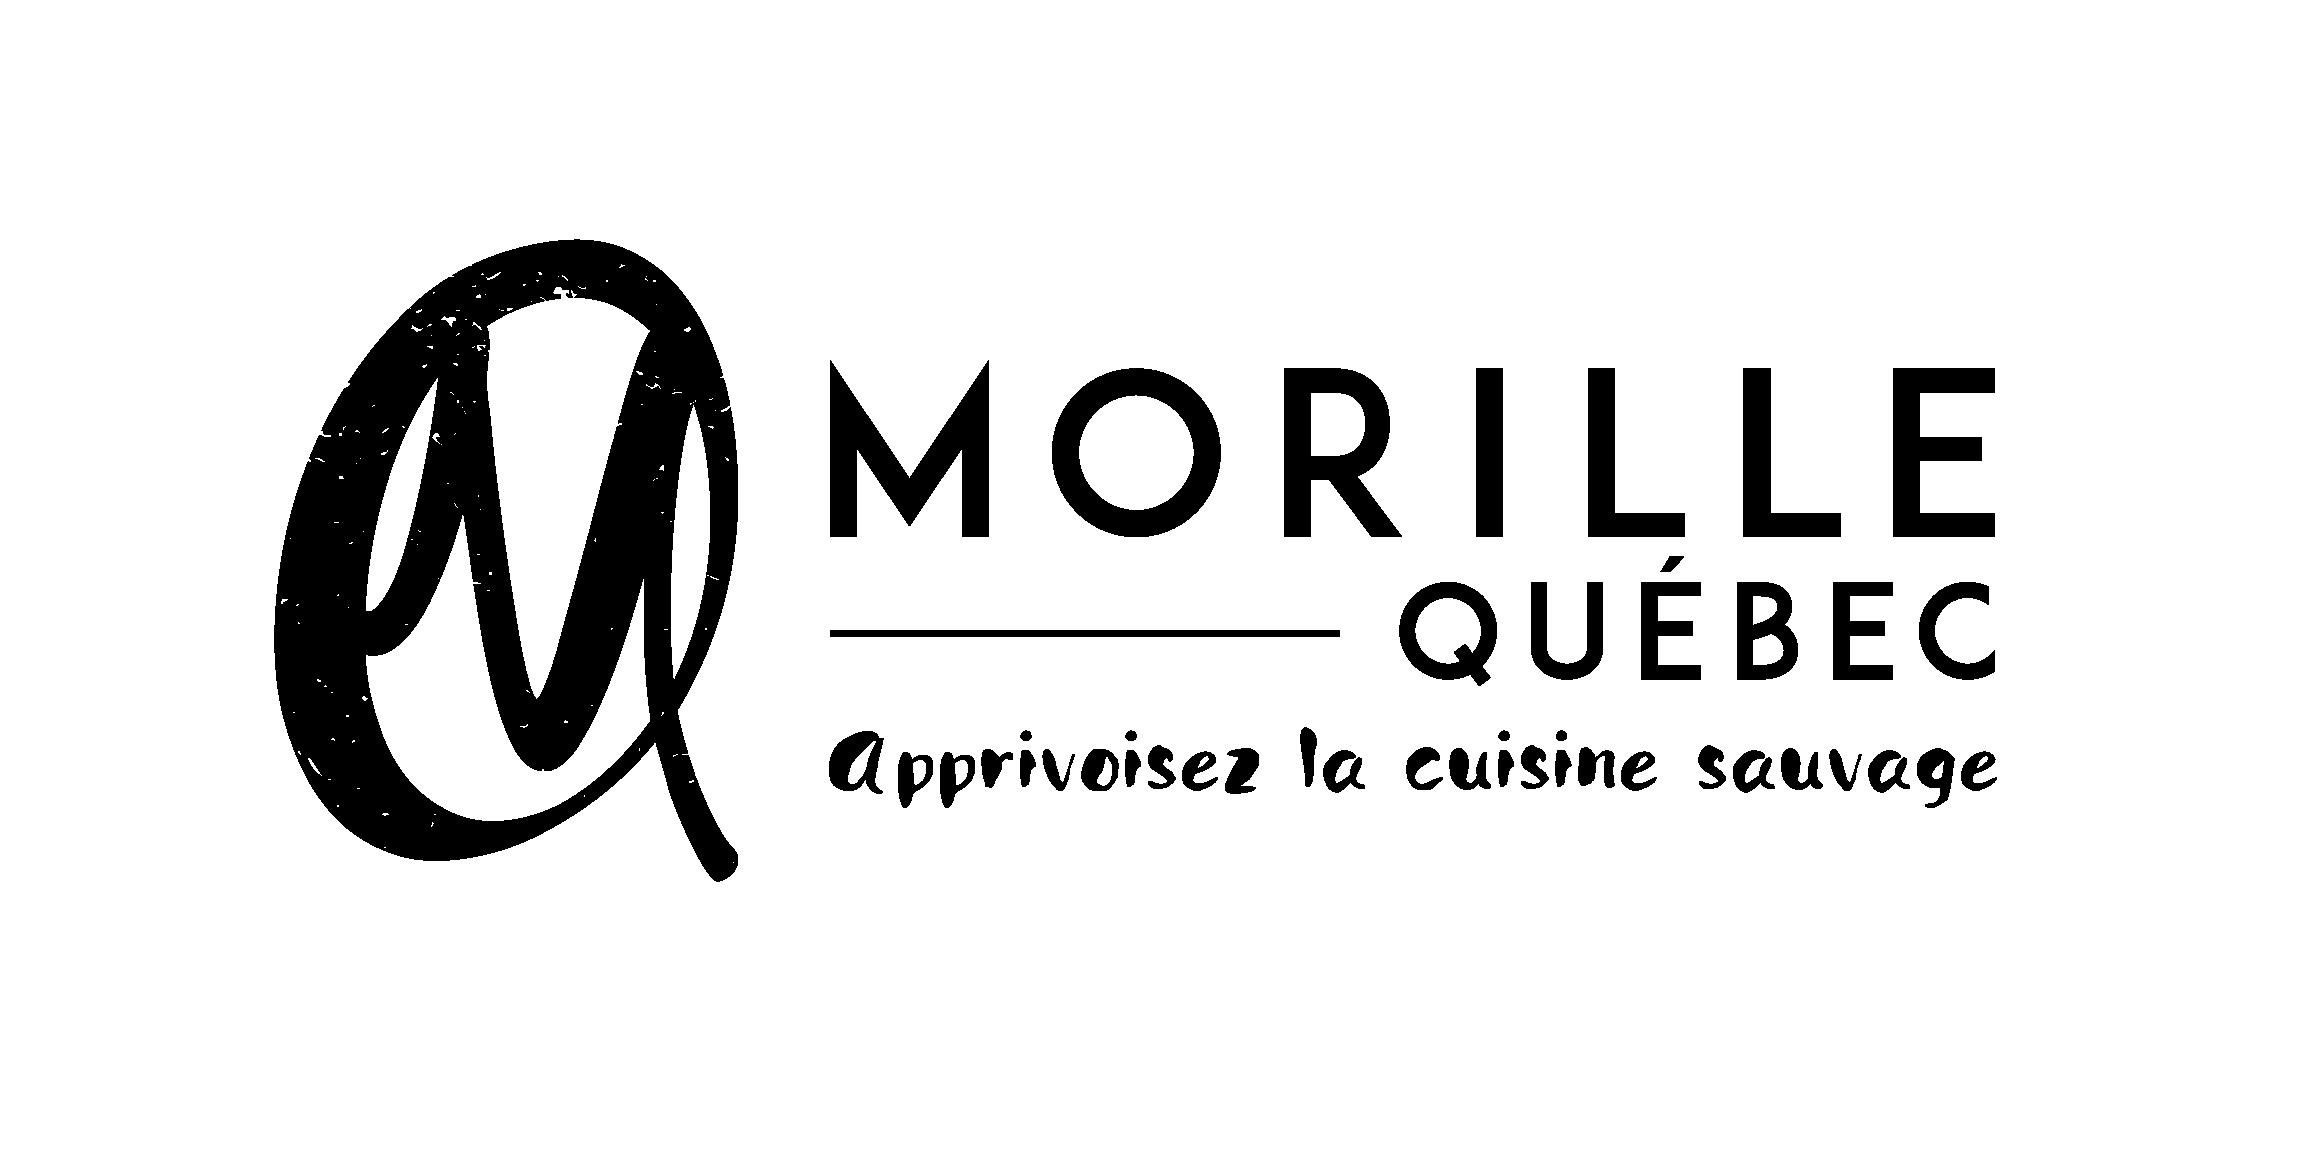 Morille quebec logo noir 01 3